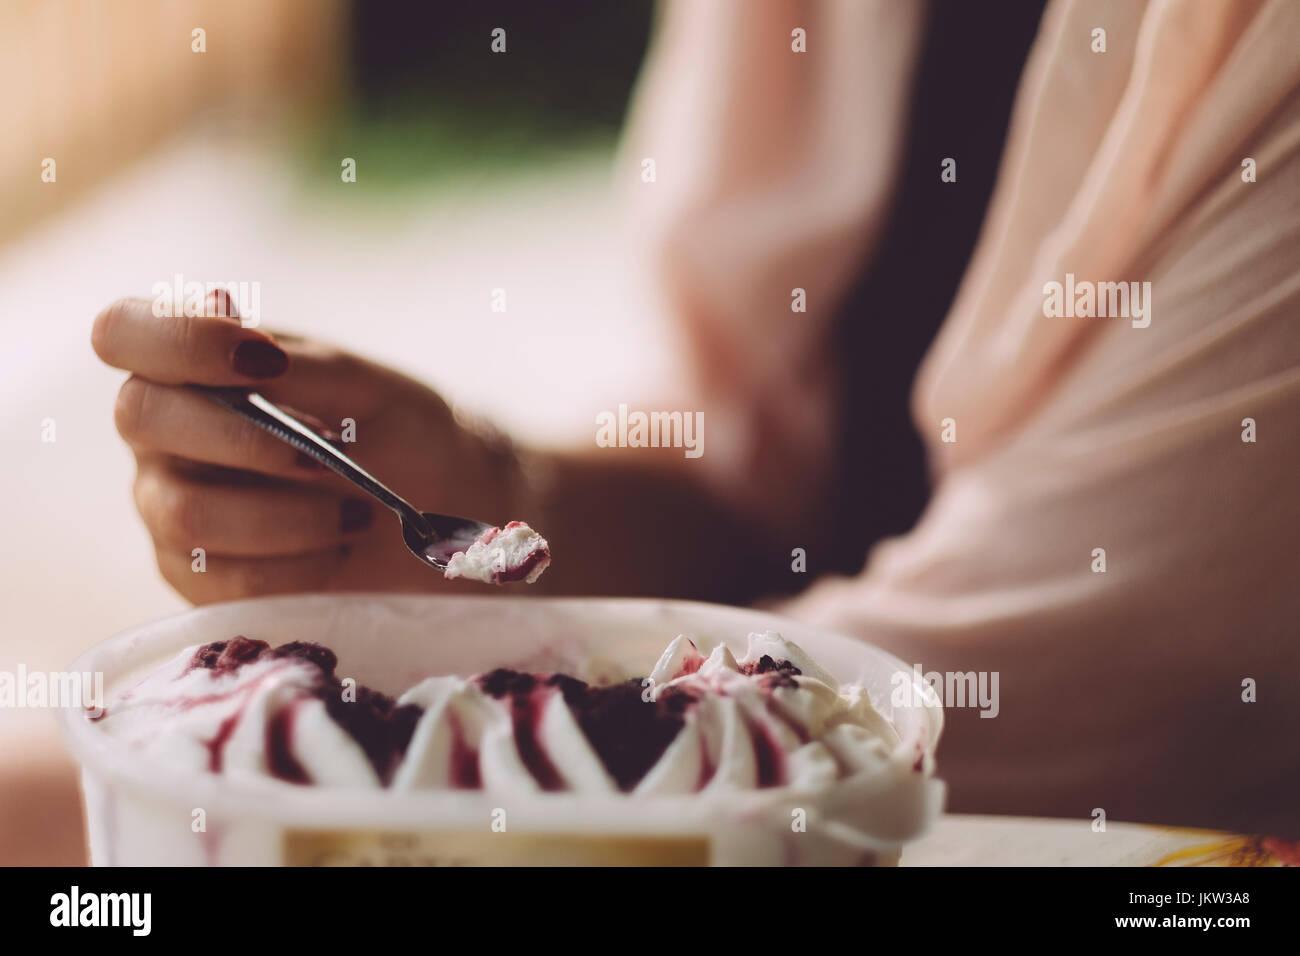 La donna a mangiare il gelato Immagini Stock